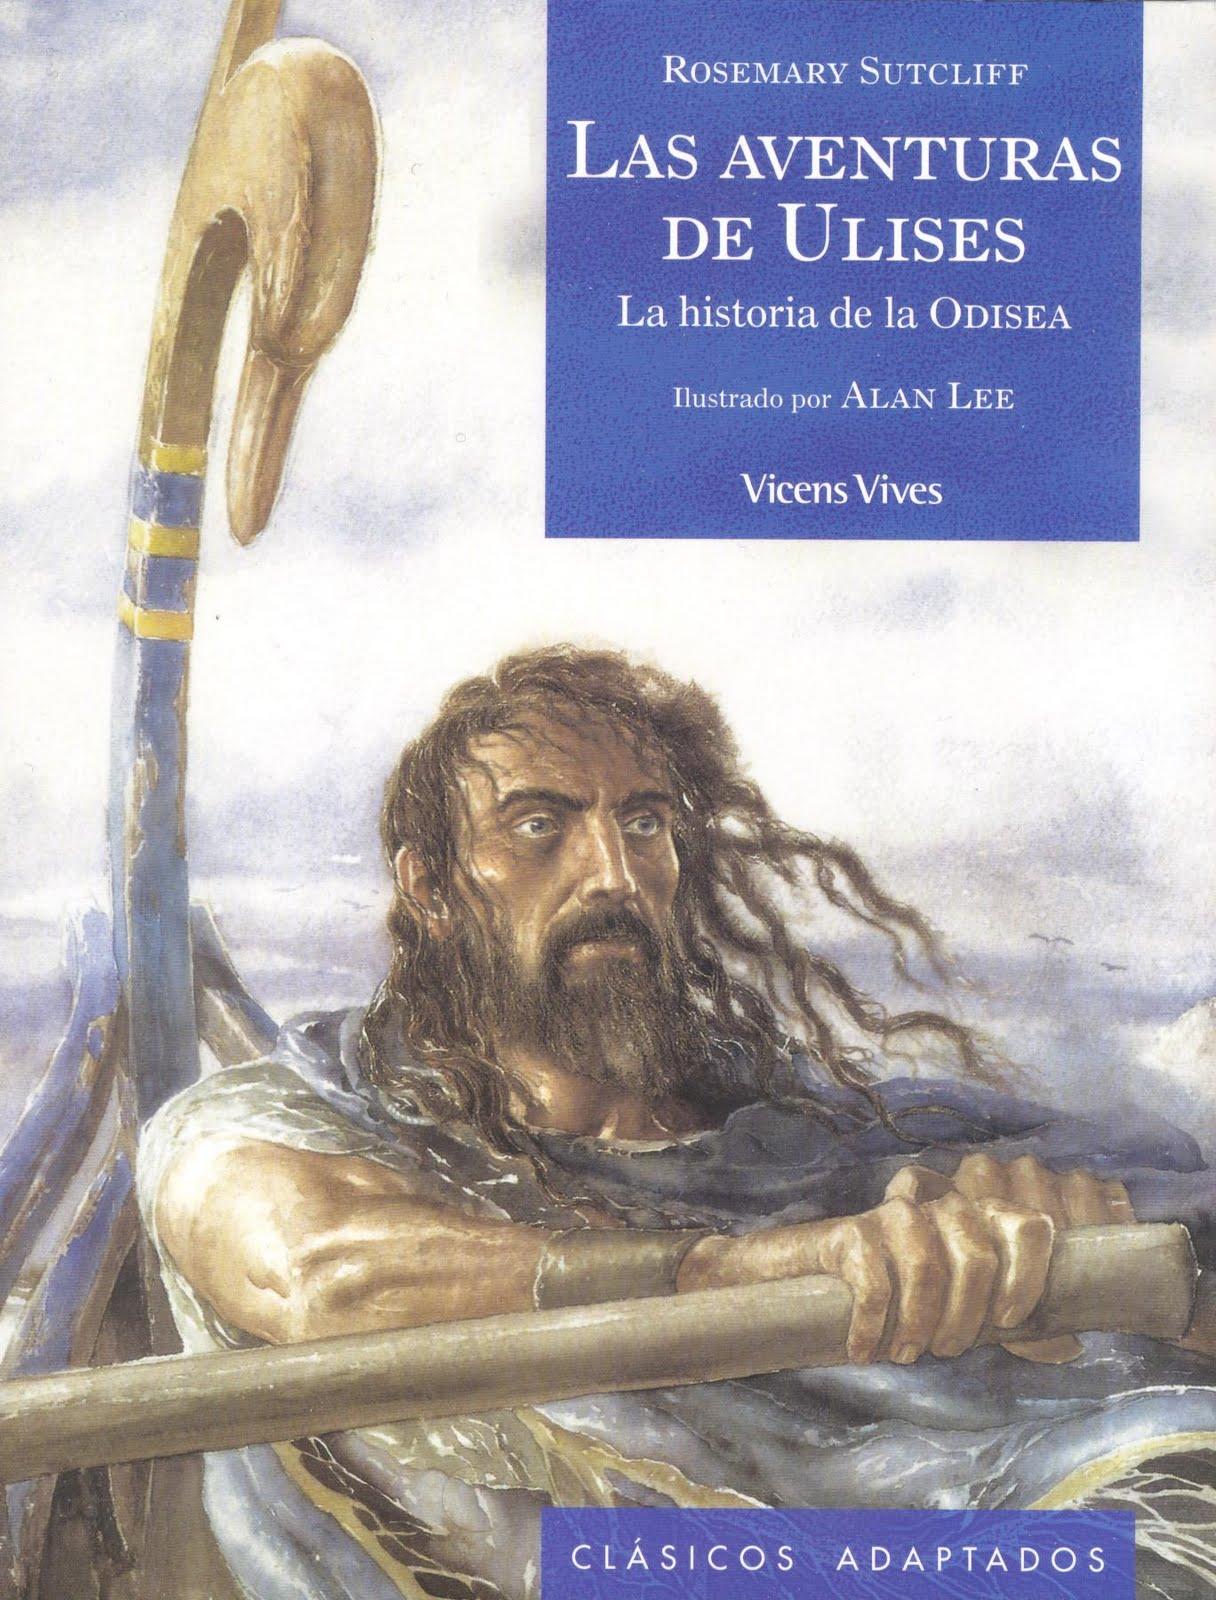 Trazos en el bloc: ALAN LEE: EL ARTE DE LA SUTILEZA (I)